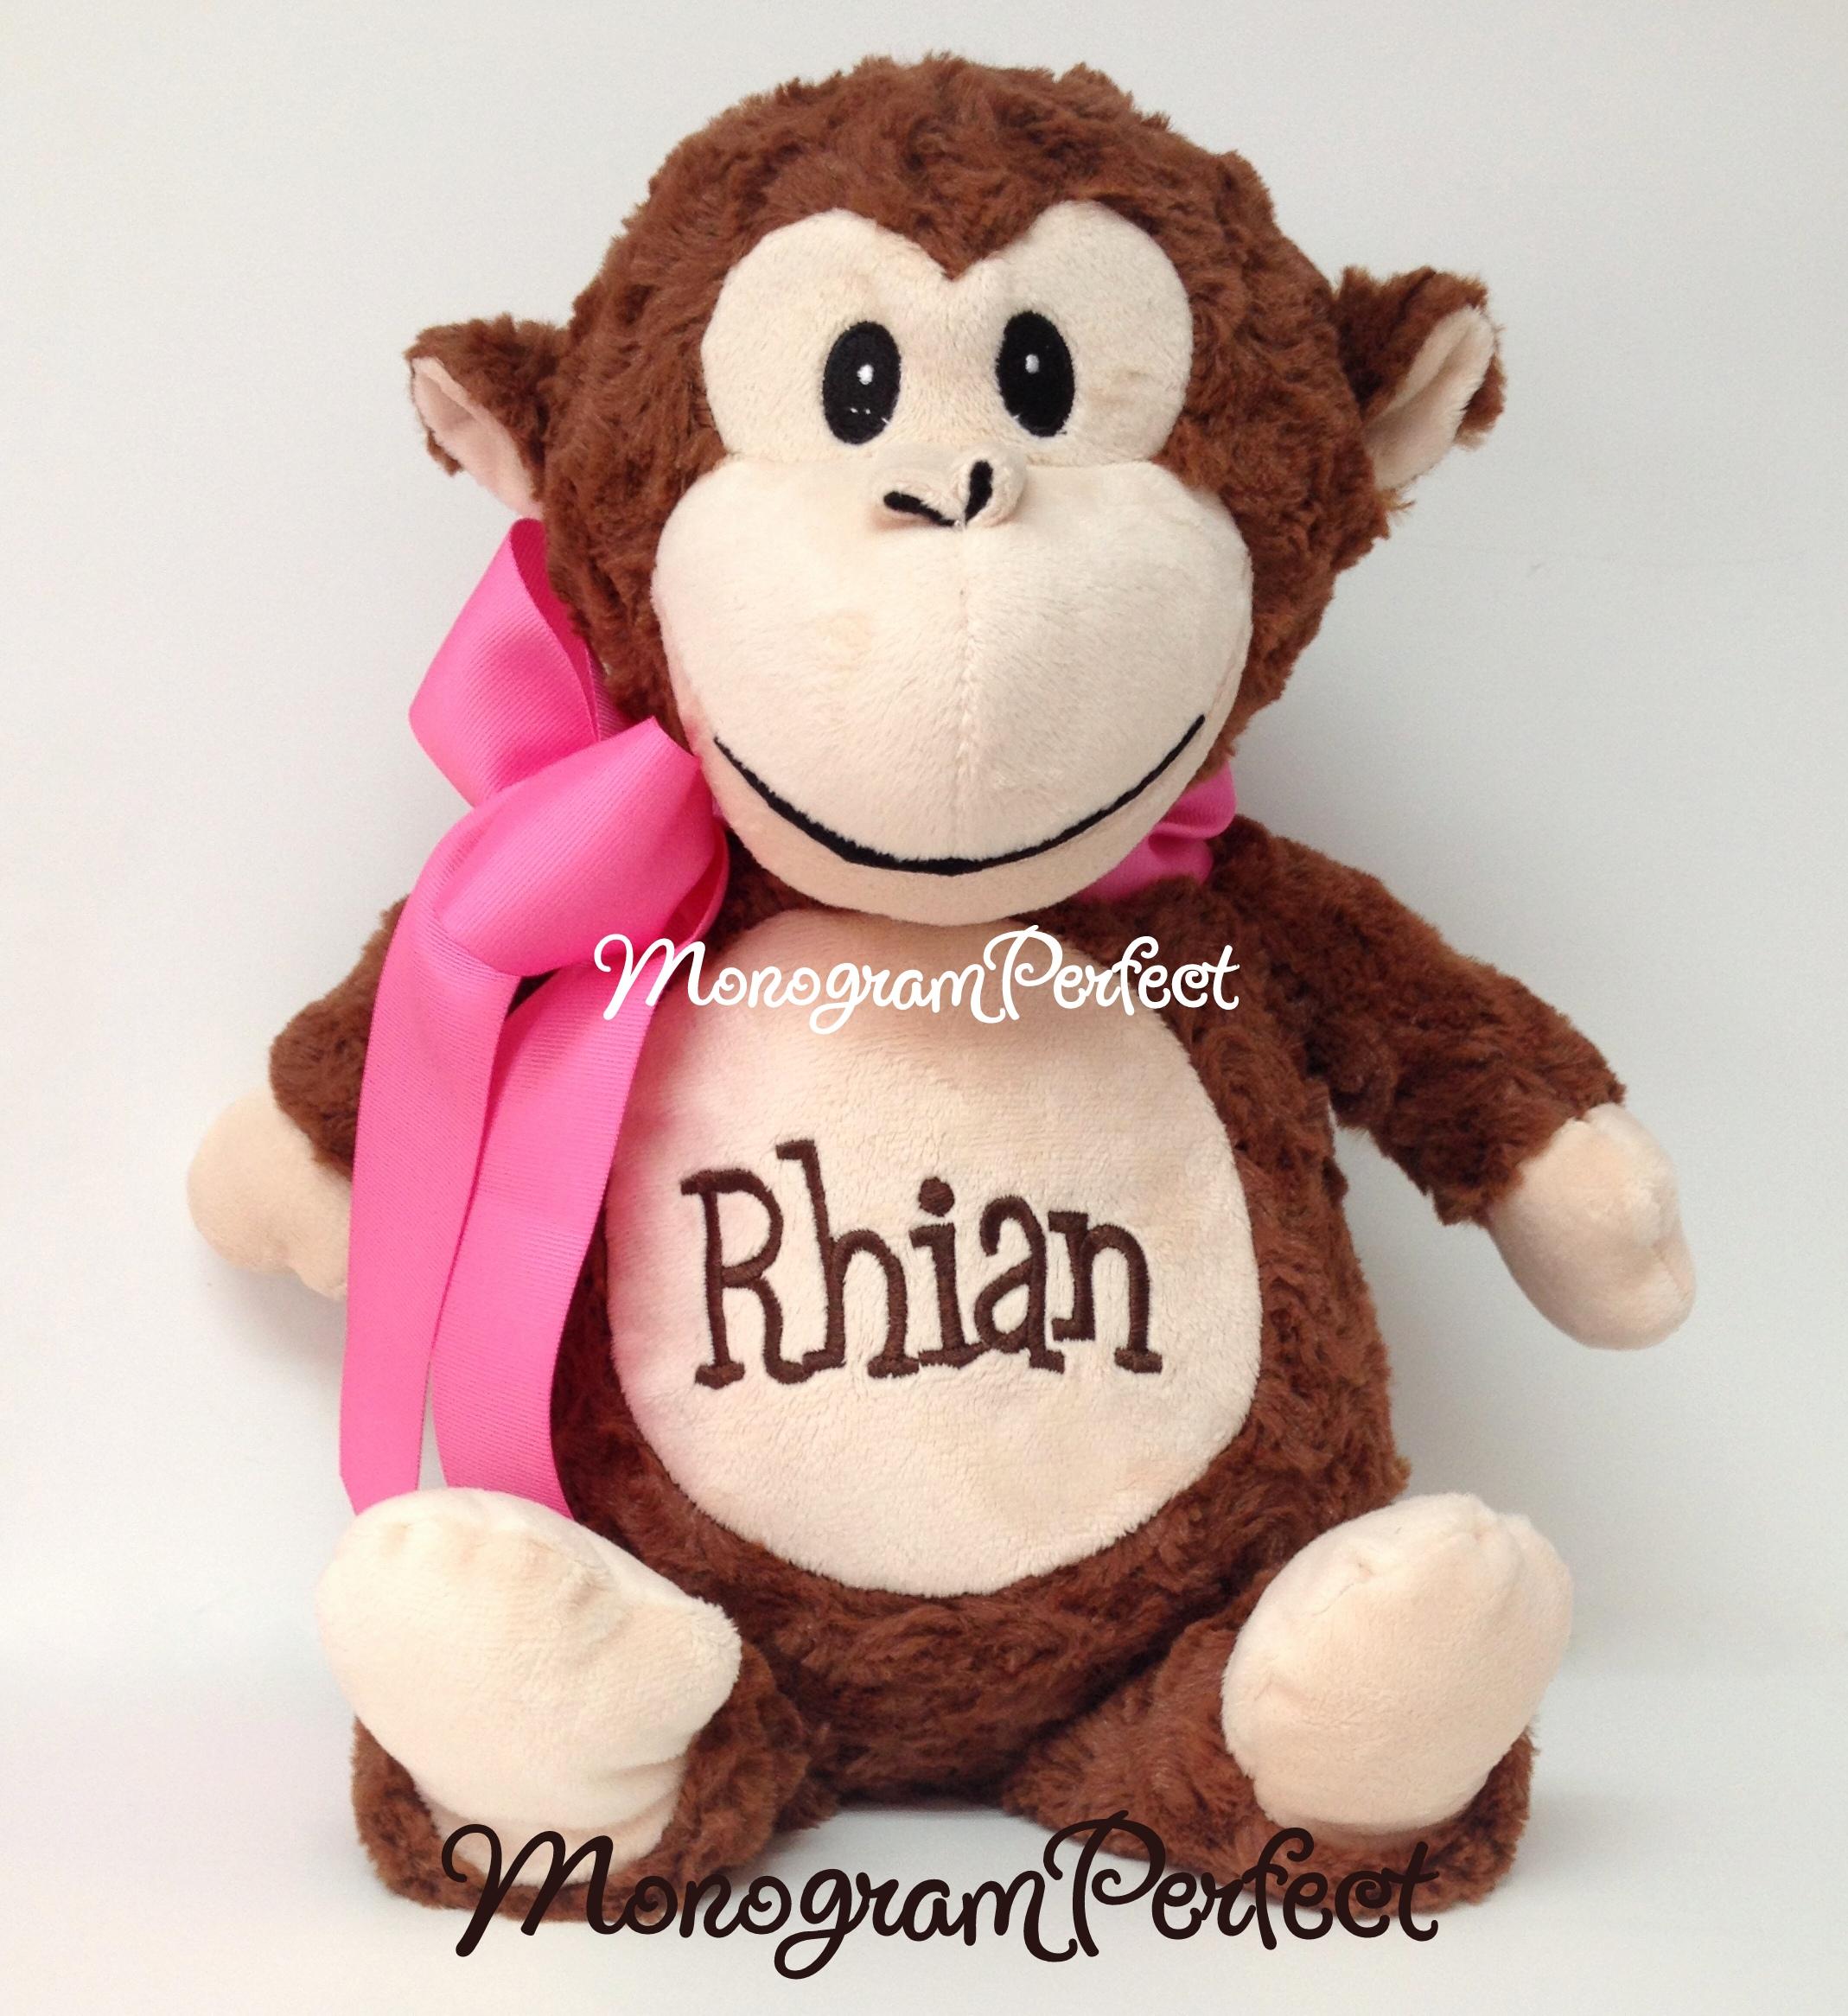 Personalized Monkey Stuffed Animal